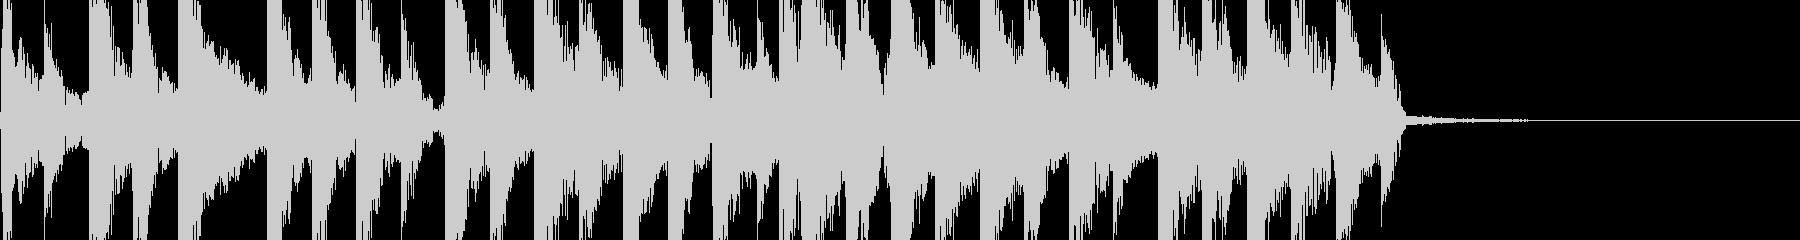 マヌケでコミカルなリズムジングルの未再生の波形